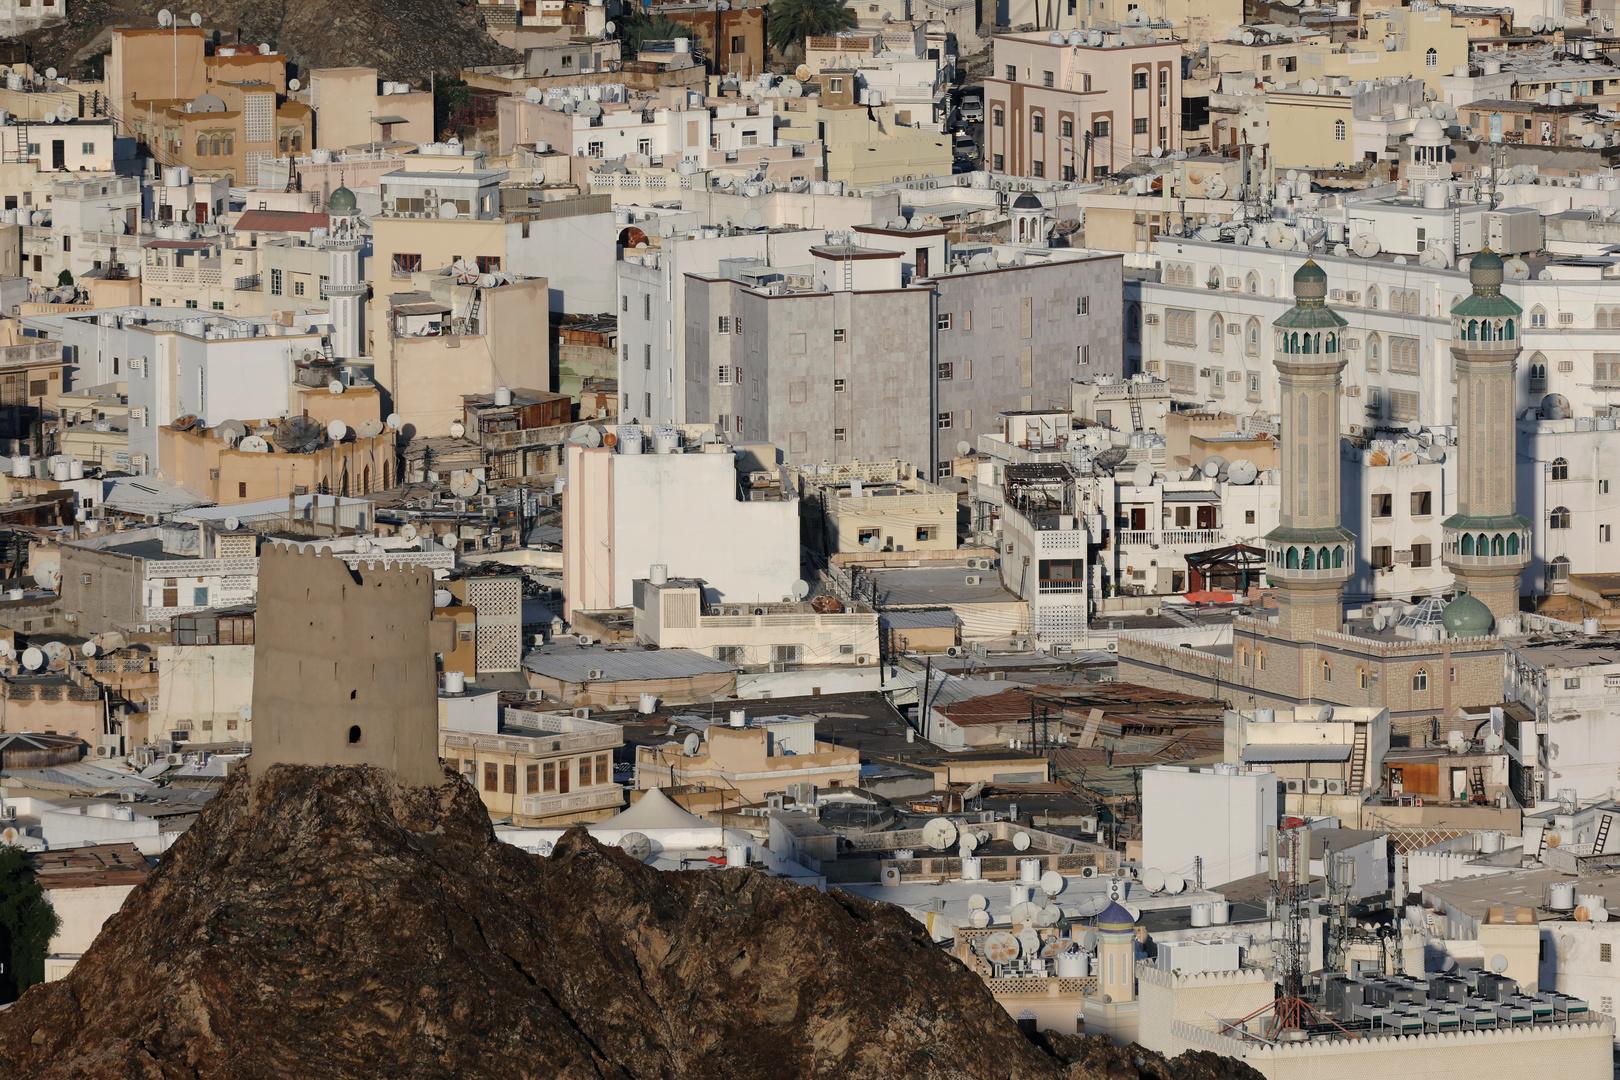 في عملية جراحية نادرة.. استئصال جنين من داخل جنين في سلطنة عمان